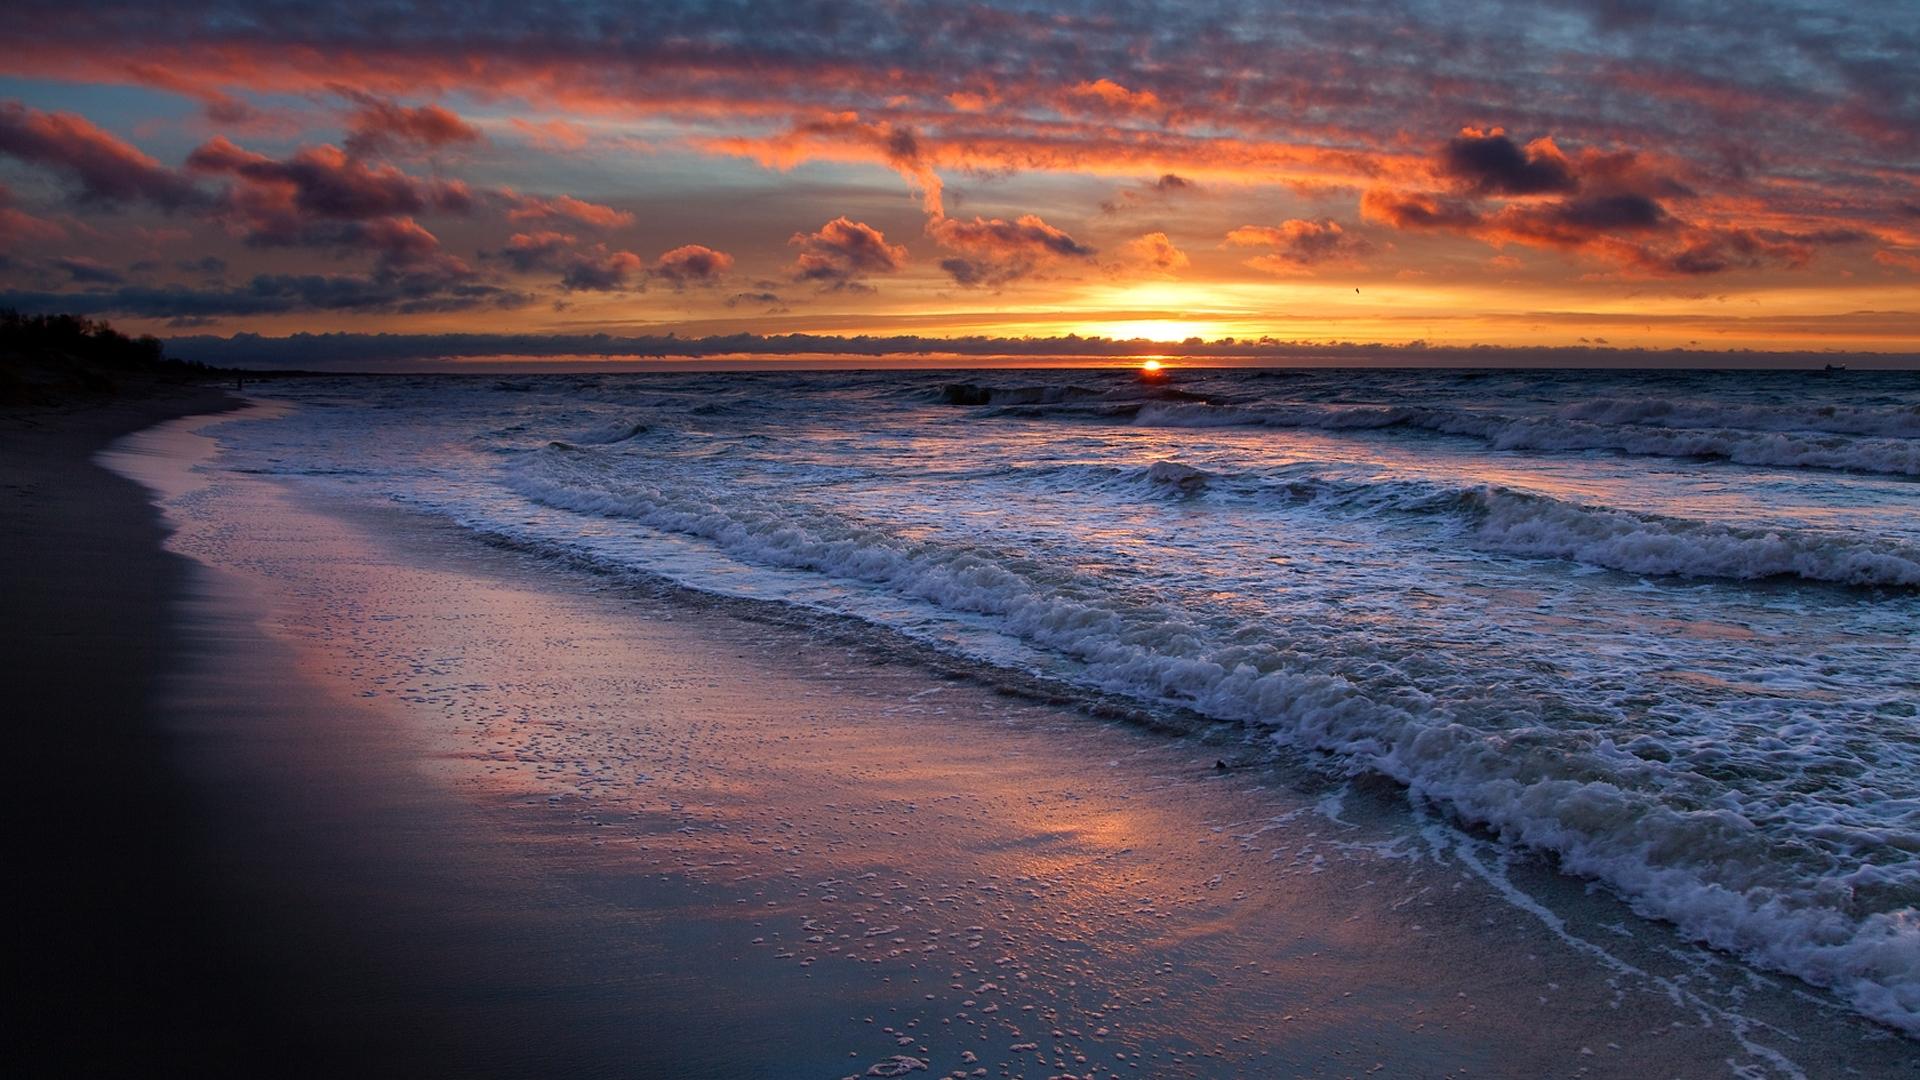 26014 免費下載壁紙 景观, 日落, 海, 云, 海滩 屏保和圖片